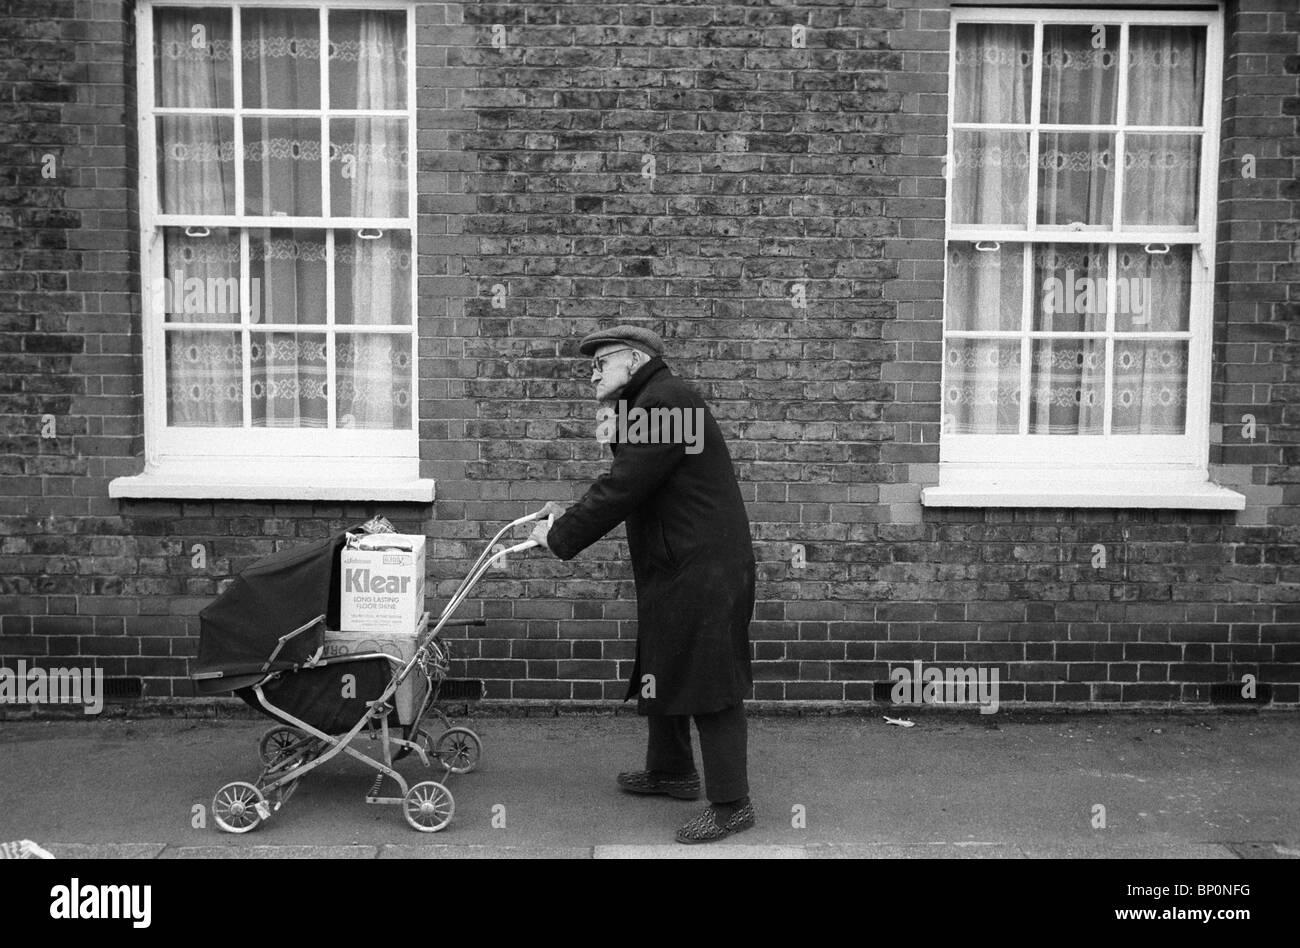 Alter Rentner drücken Einkaufen Startseite in einem Kinderwagen. Battersea London 1970 s UK HOMER SYKES Stockbild